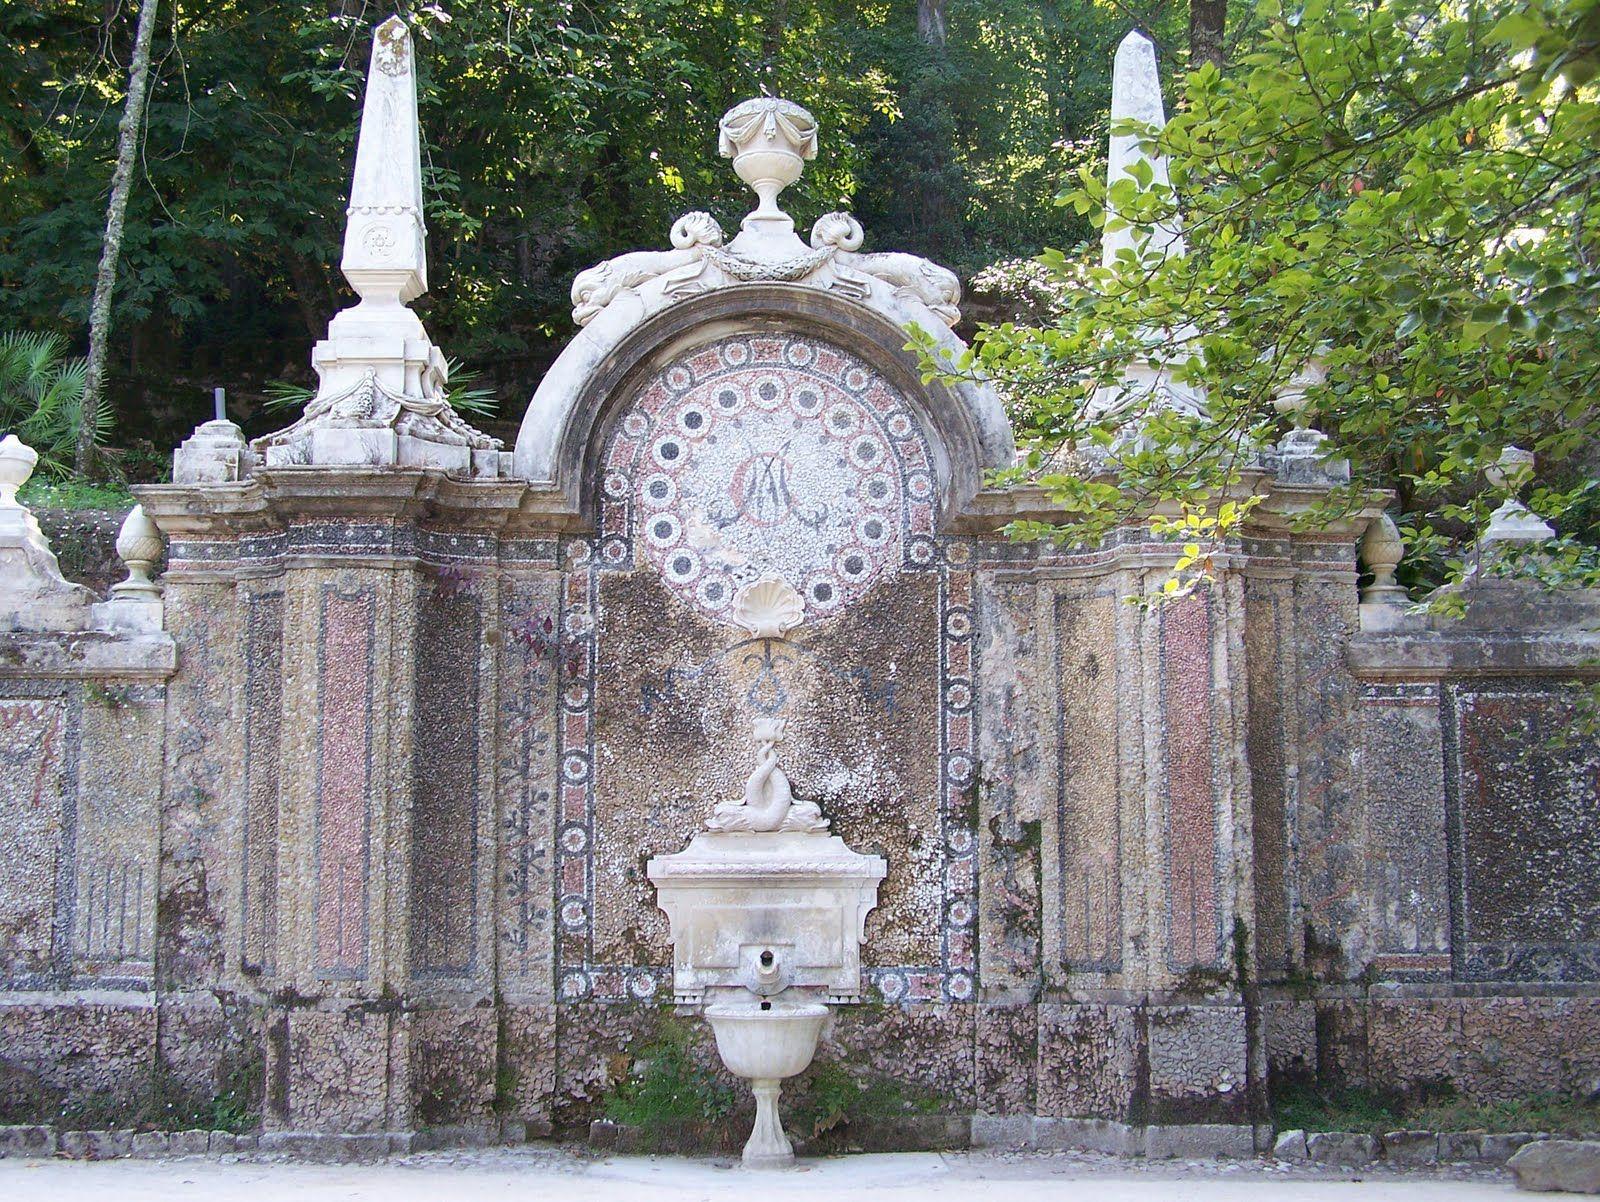 Palácio da Regaleira, Fonte da Abundância